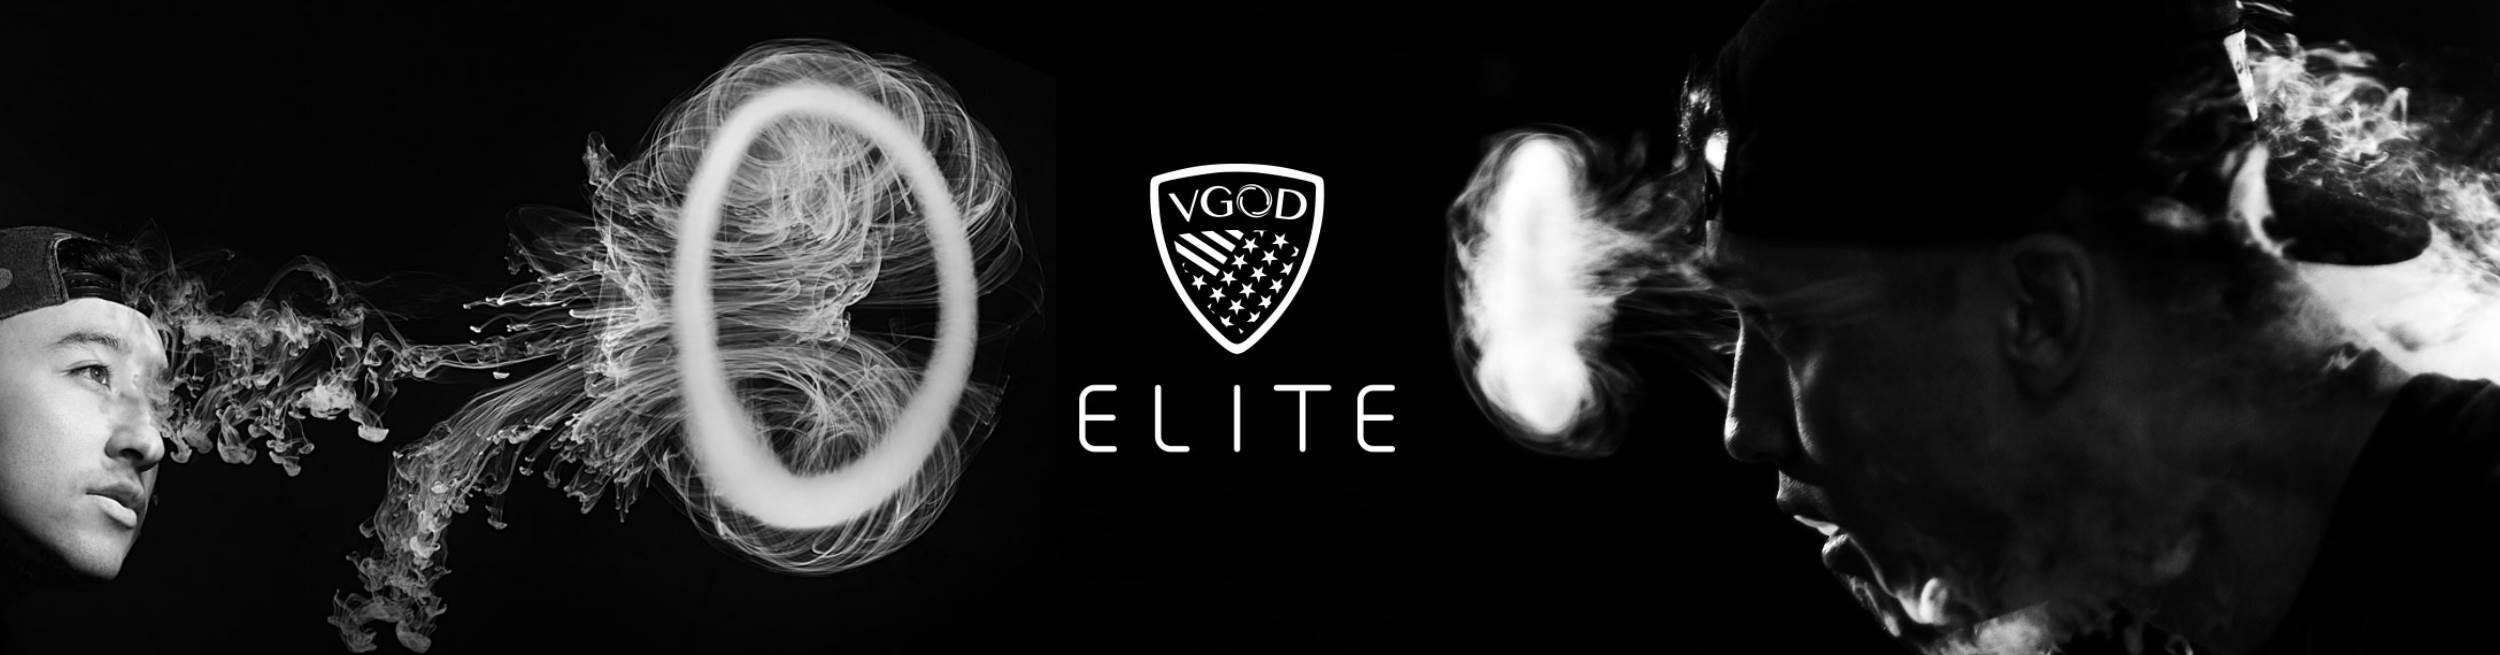 VGOD Elite